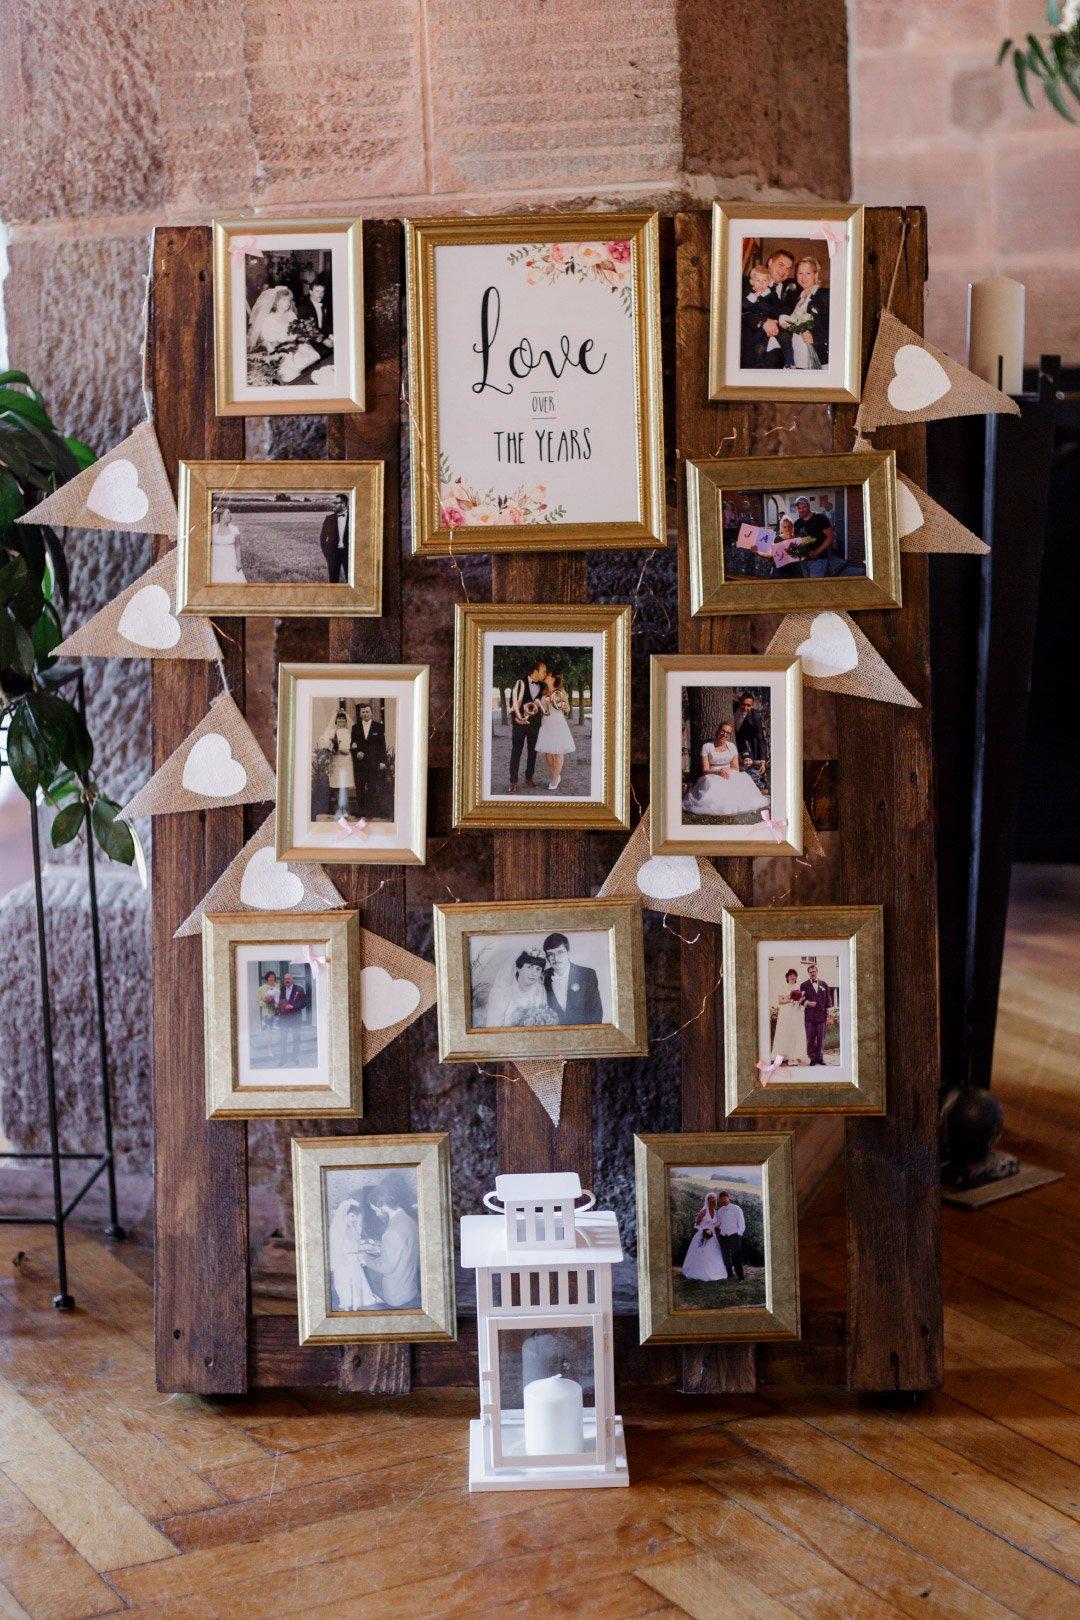 Eine Wand mit Bilderrahmen lauter Erinnerungen von vergangenen Jahren